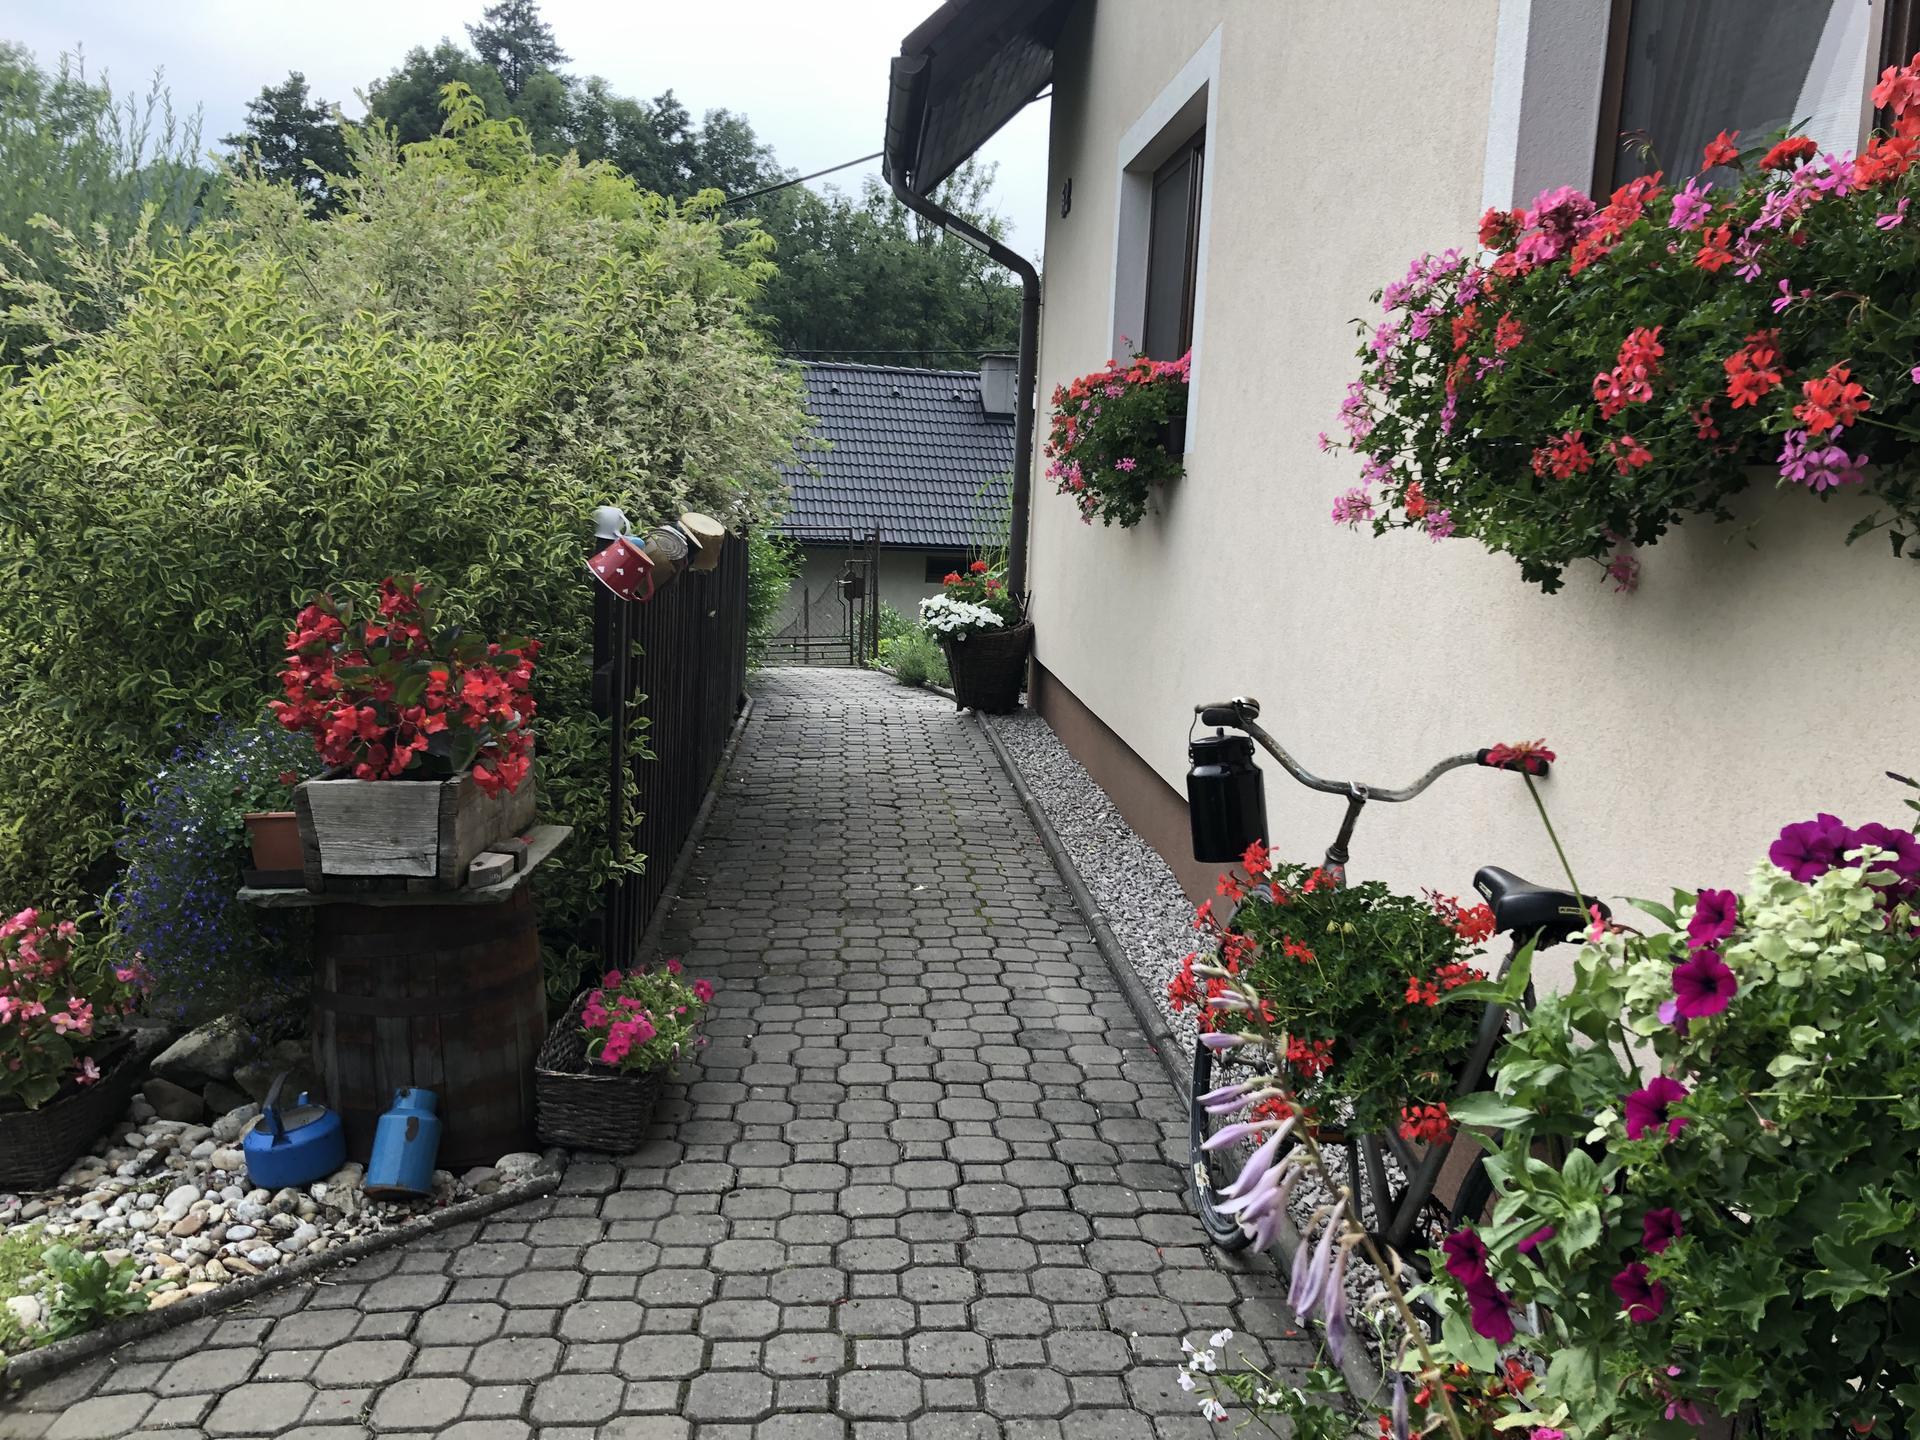 U nás doma a na zahradě 2021 - Obrázek č. 29